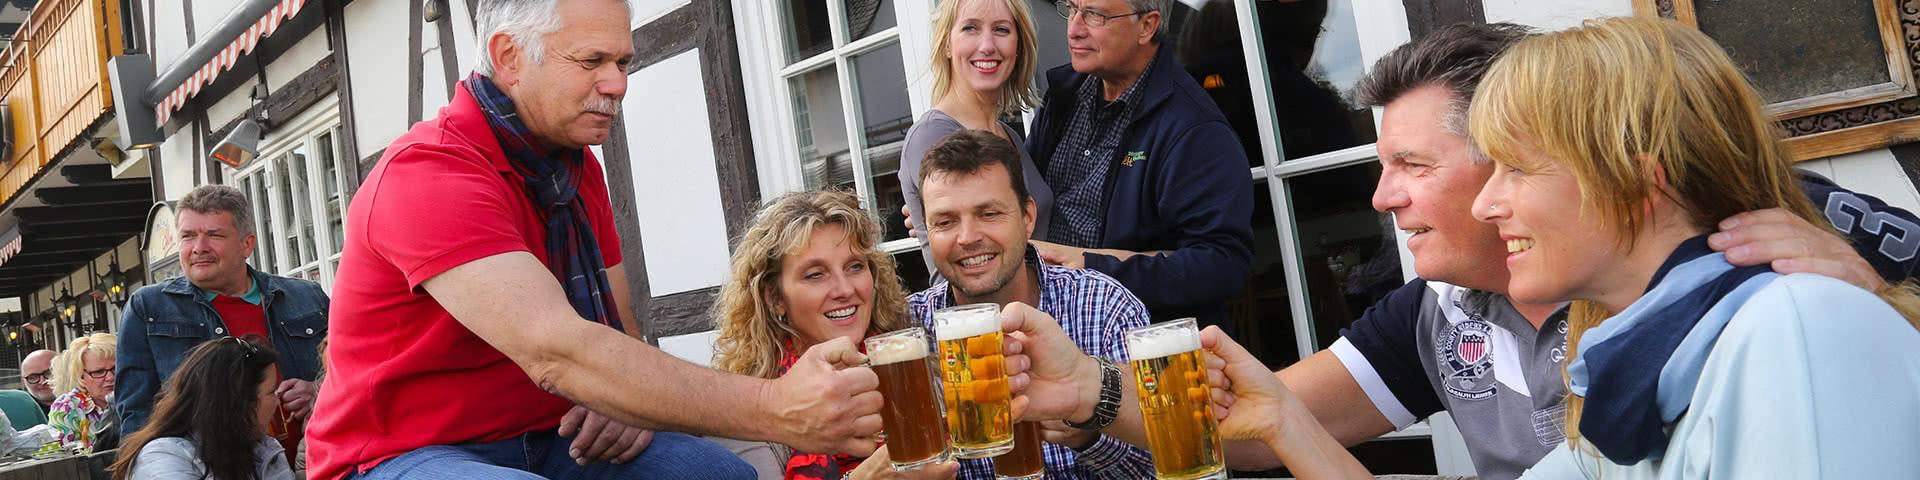 Gruppe trinkt Bier an der Dorf Alm in Willingen